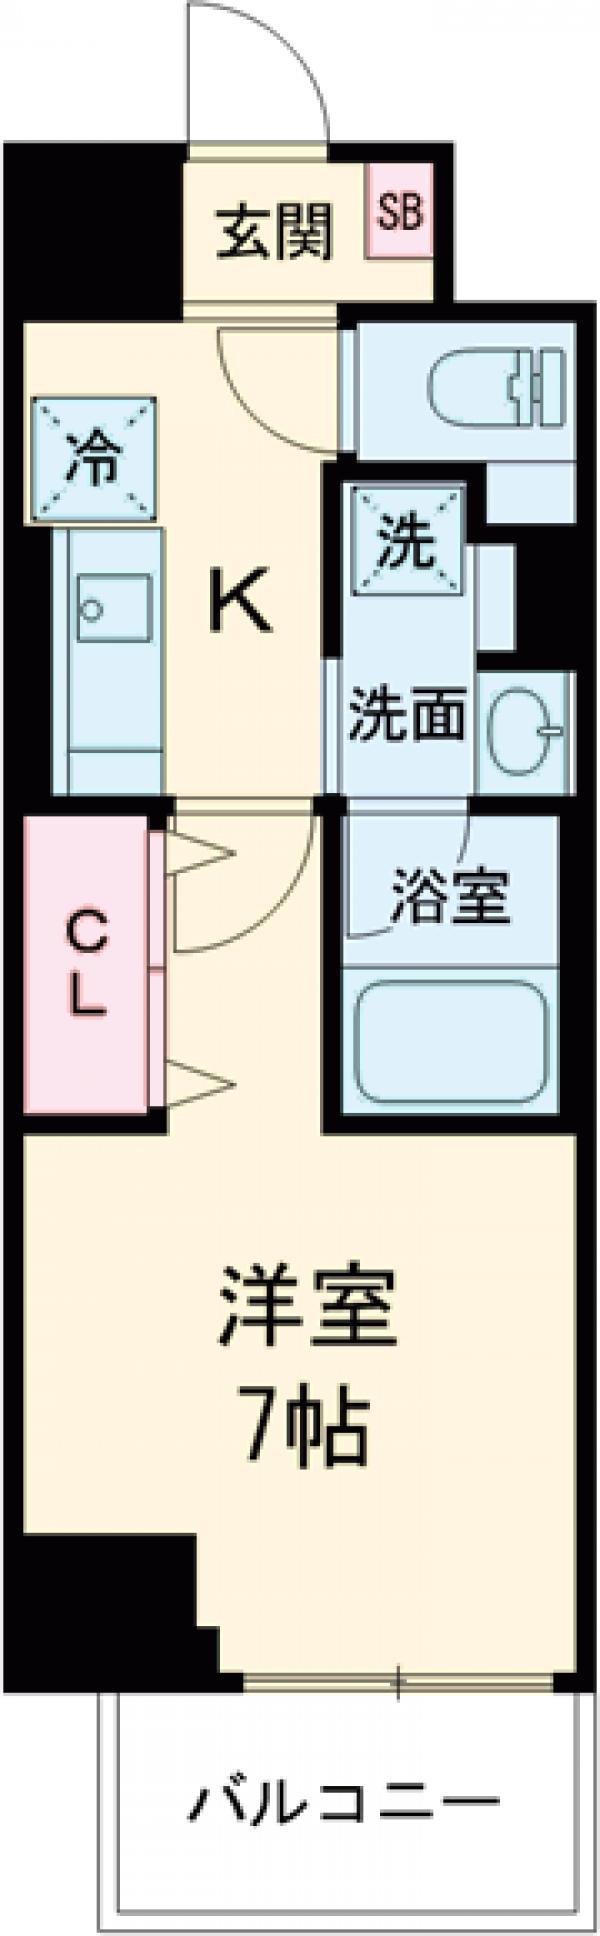 ロイジェント上野桜木・601号室の間取り